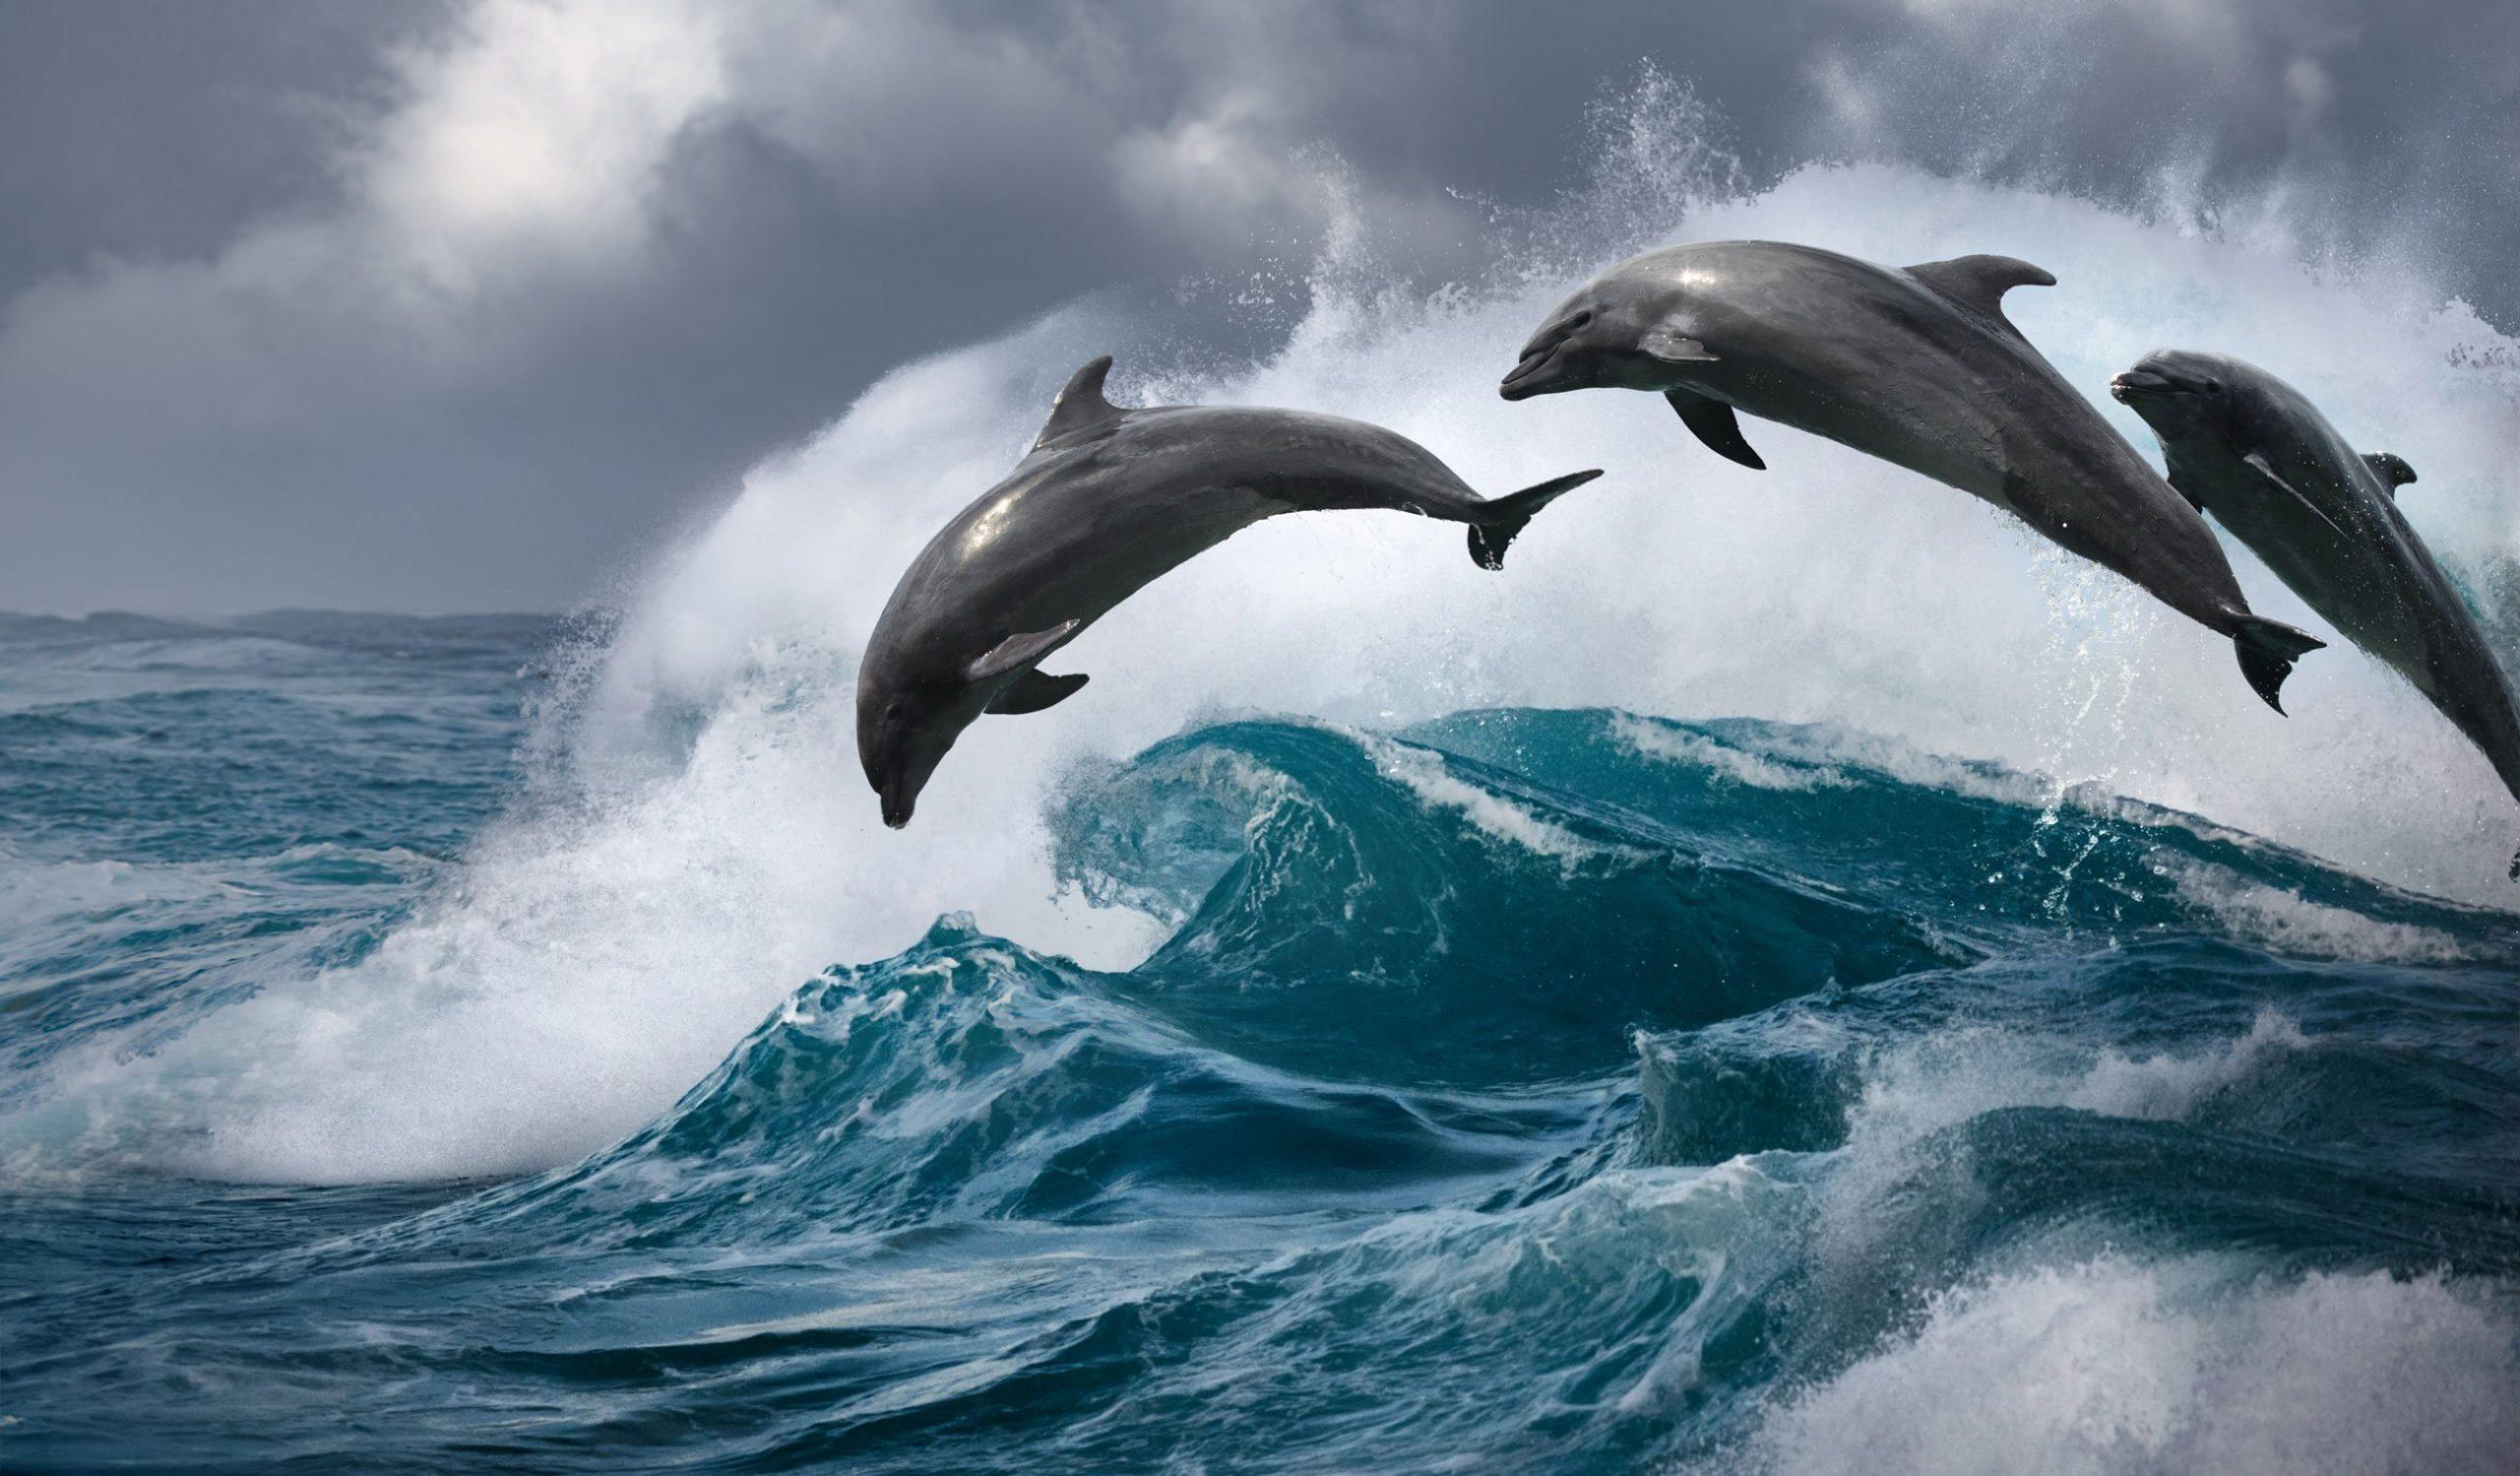 صور دولفين خلفيات دولفين dolphin 120